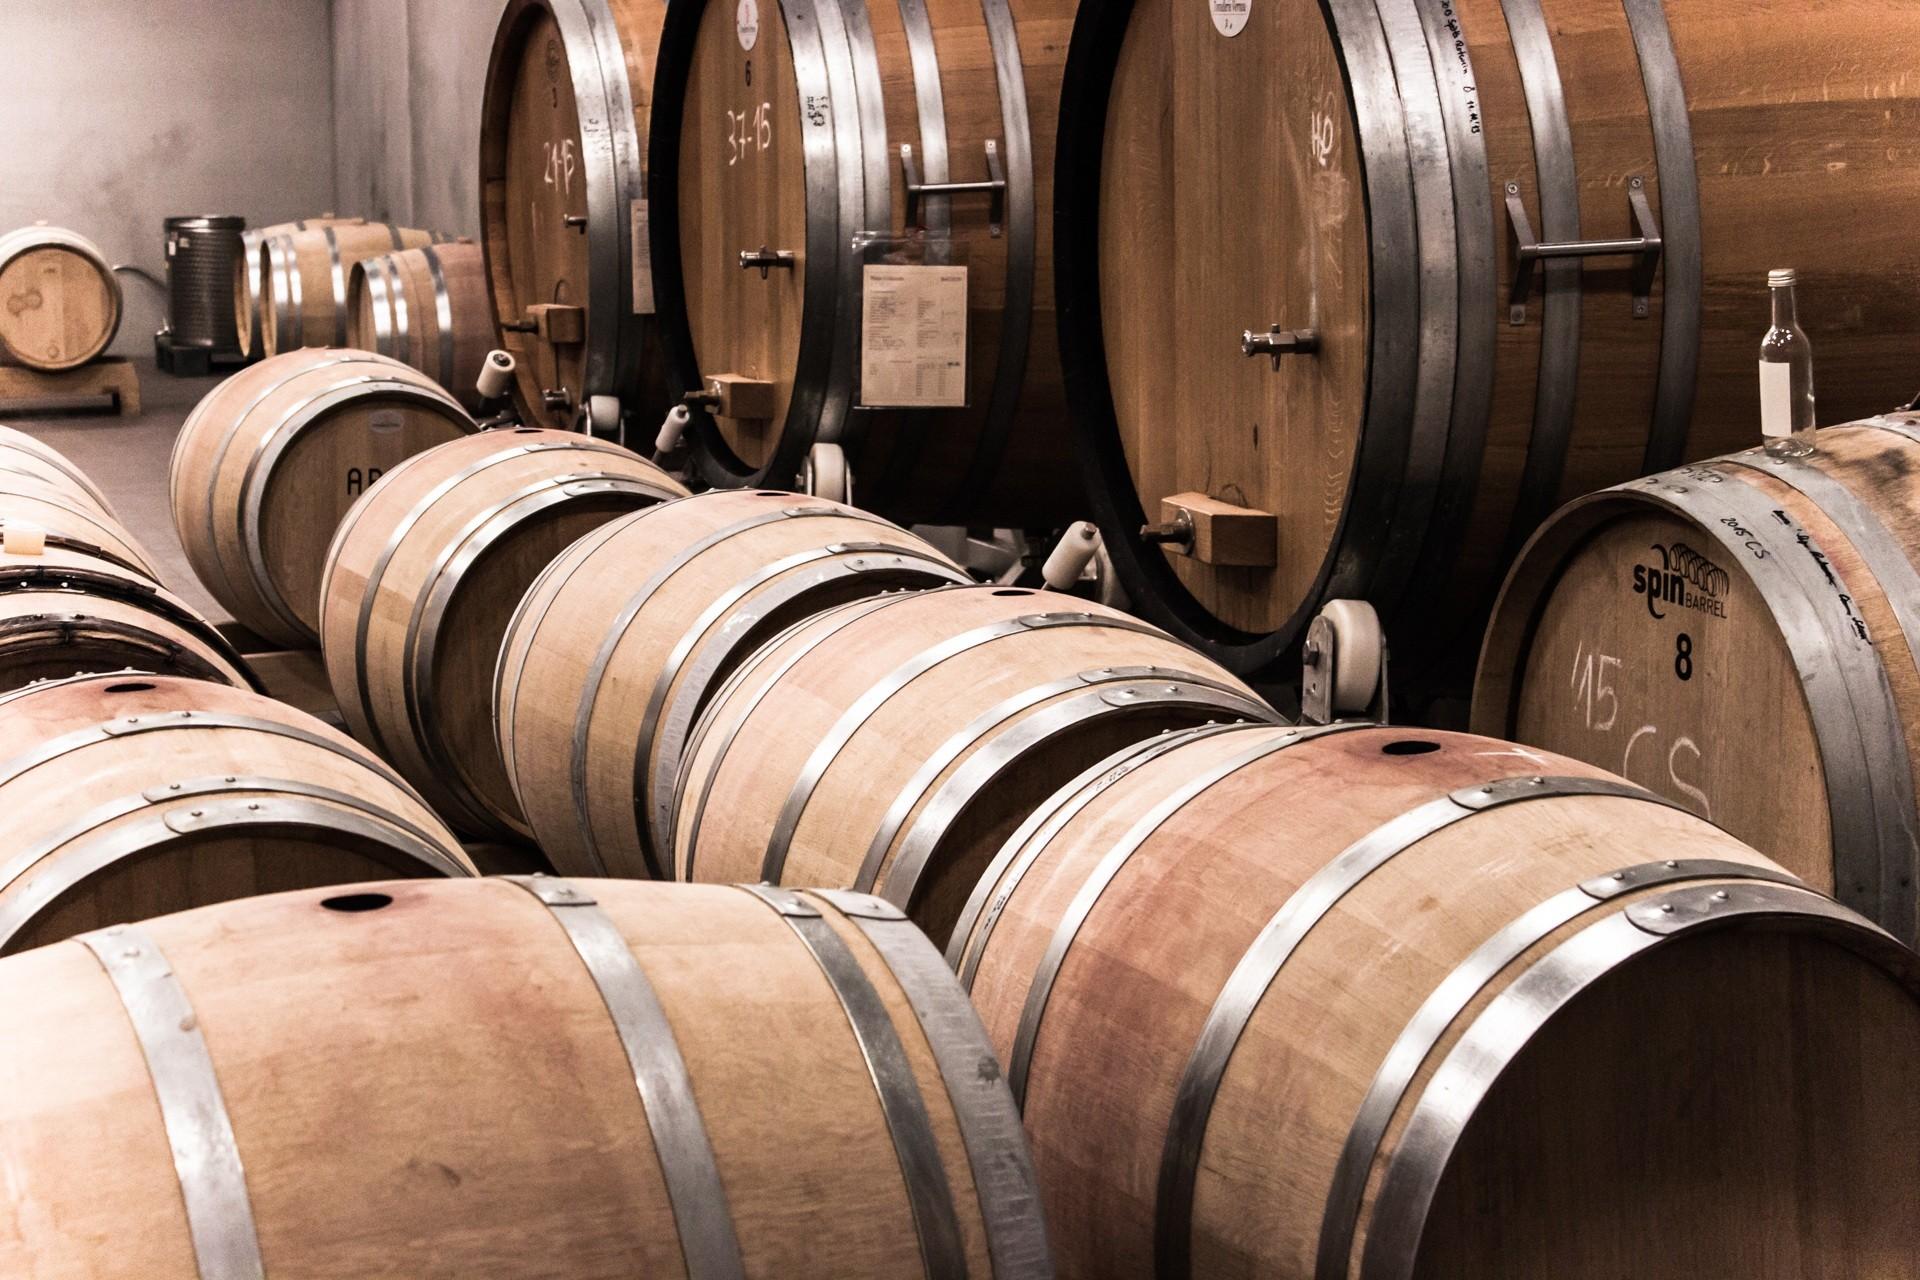 arricas de vino en bodega